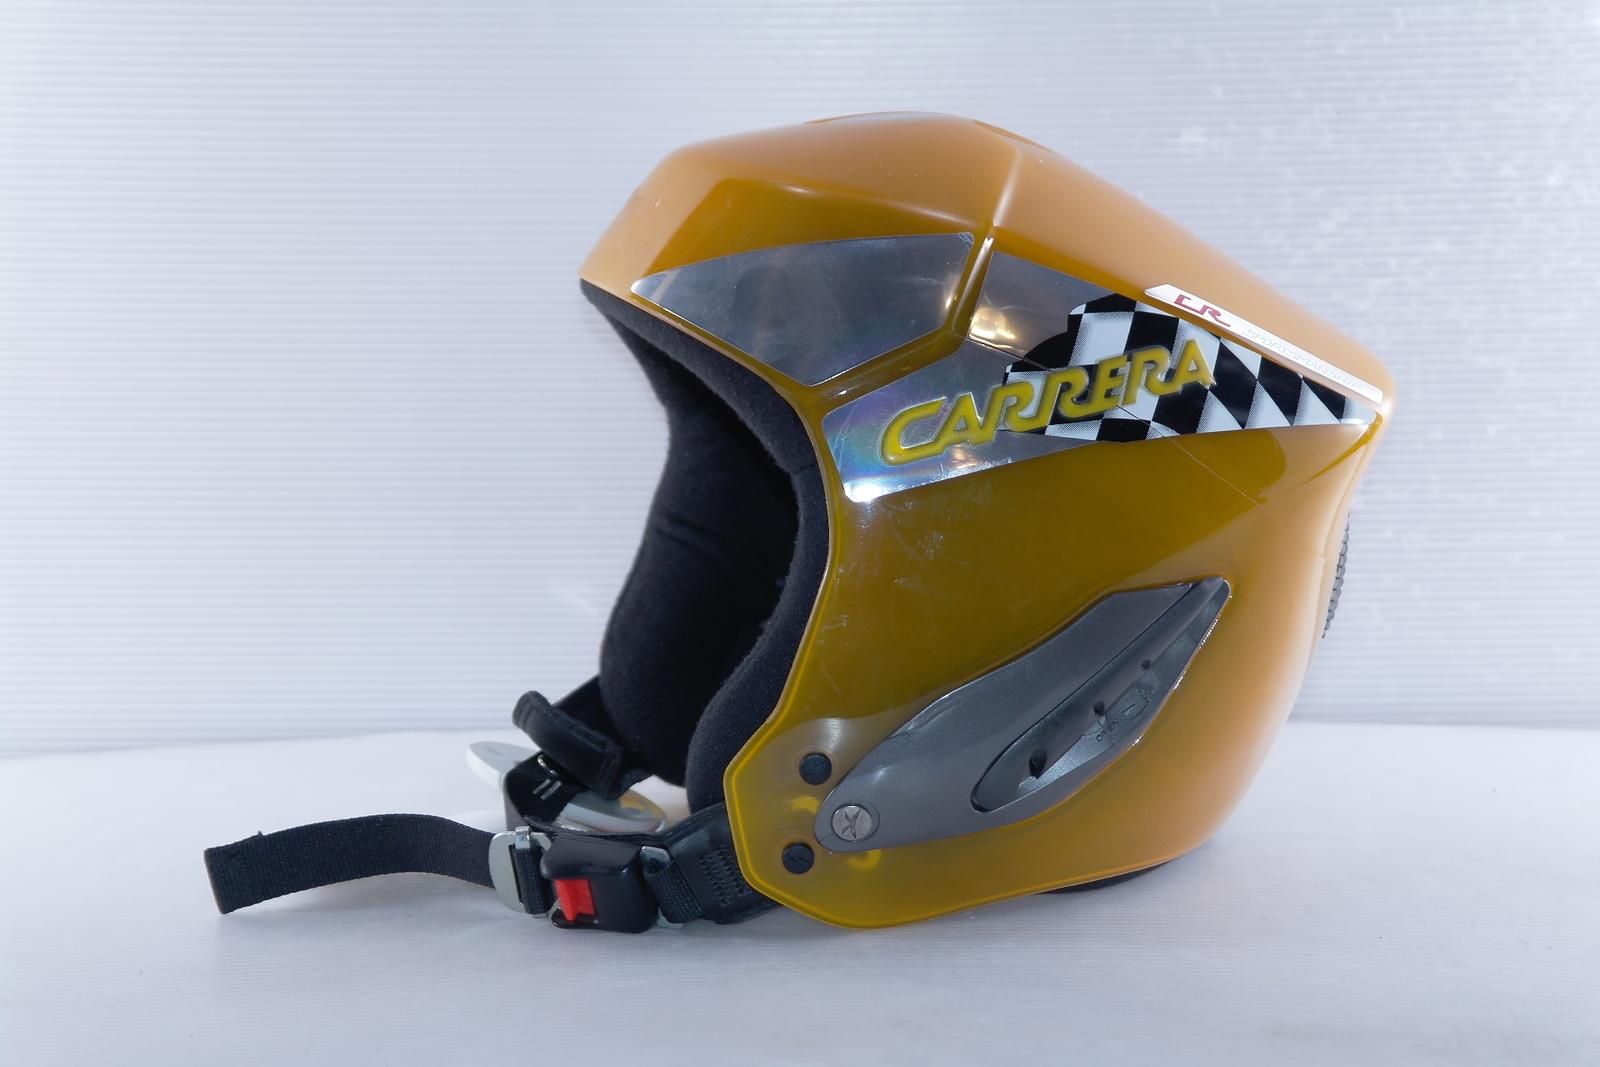 Lyžařská helma Carrera Gold vel. 60